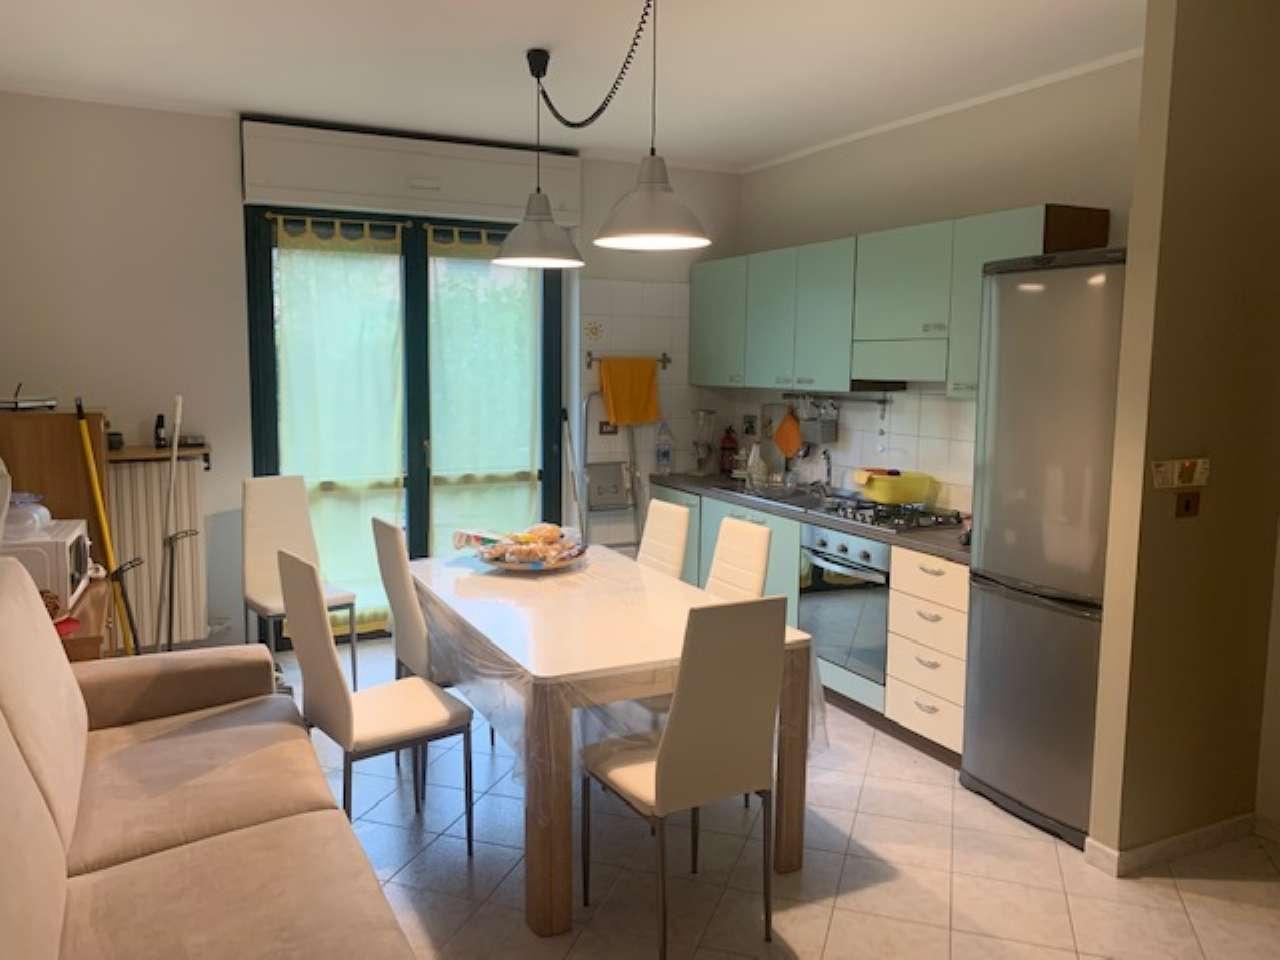 Appartamento in vendita a Borgaro Torinese, 3 locali, prezzo € 150.000 | CambioCasa.it